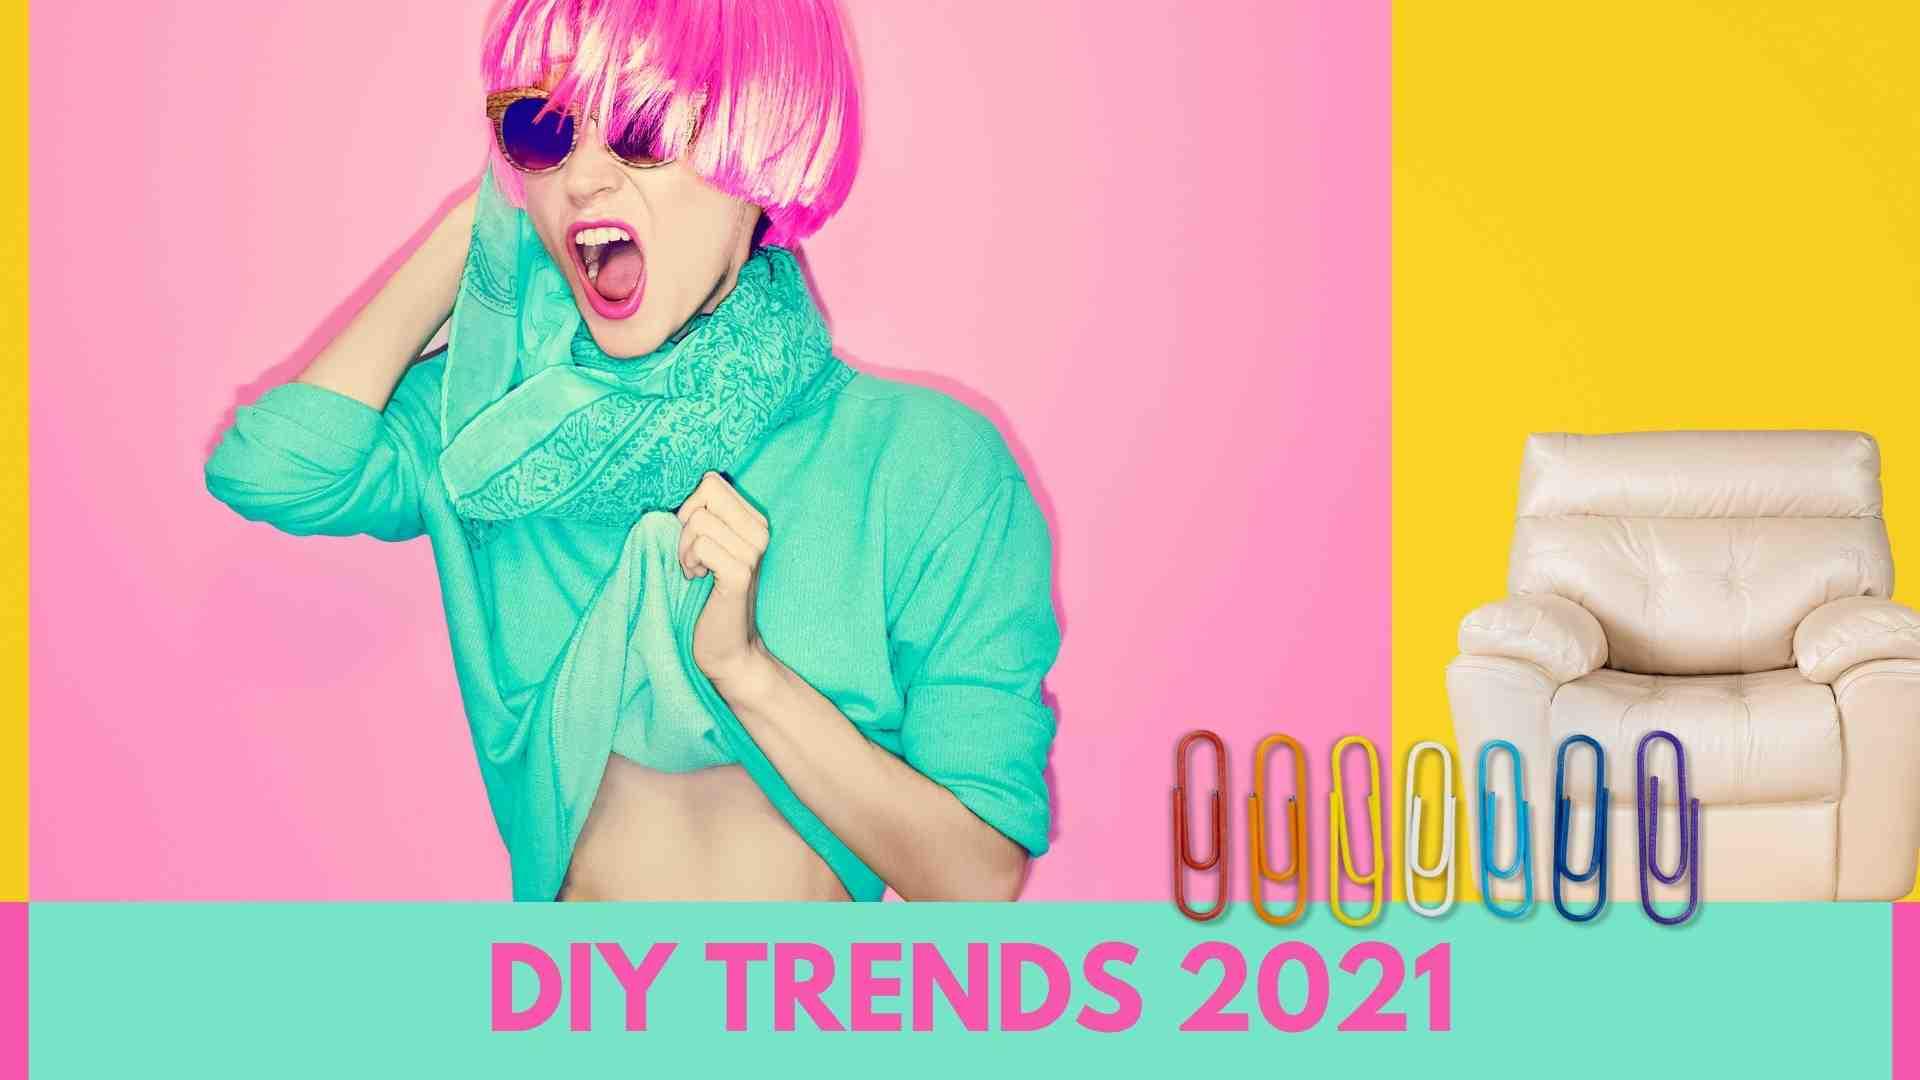 Das sind die DIY Trends 2021